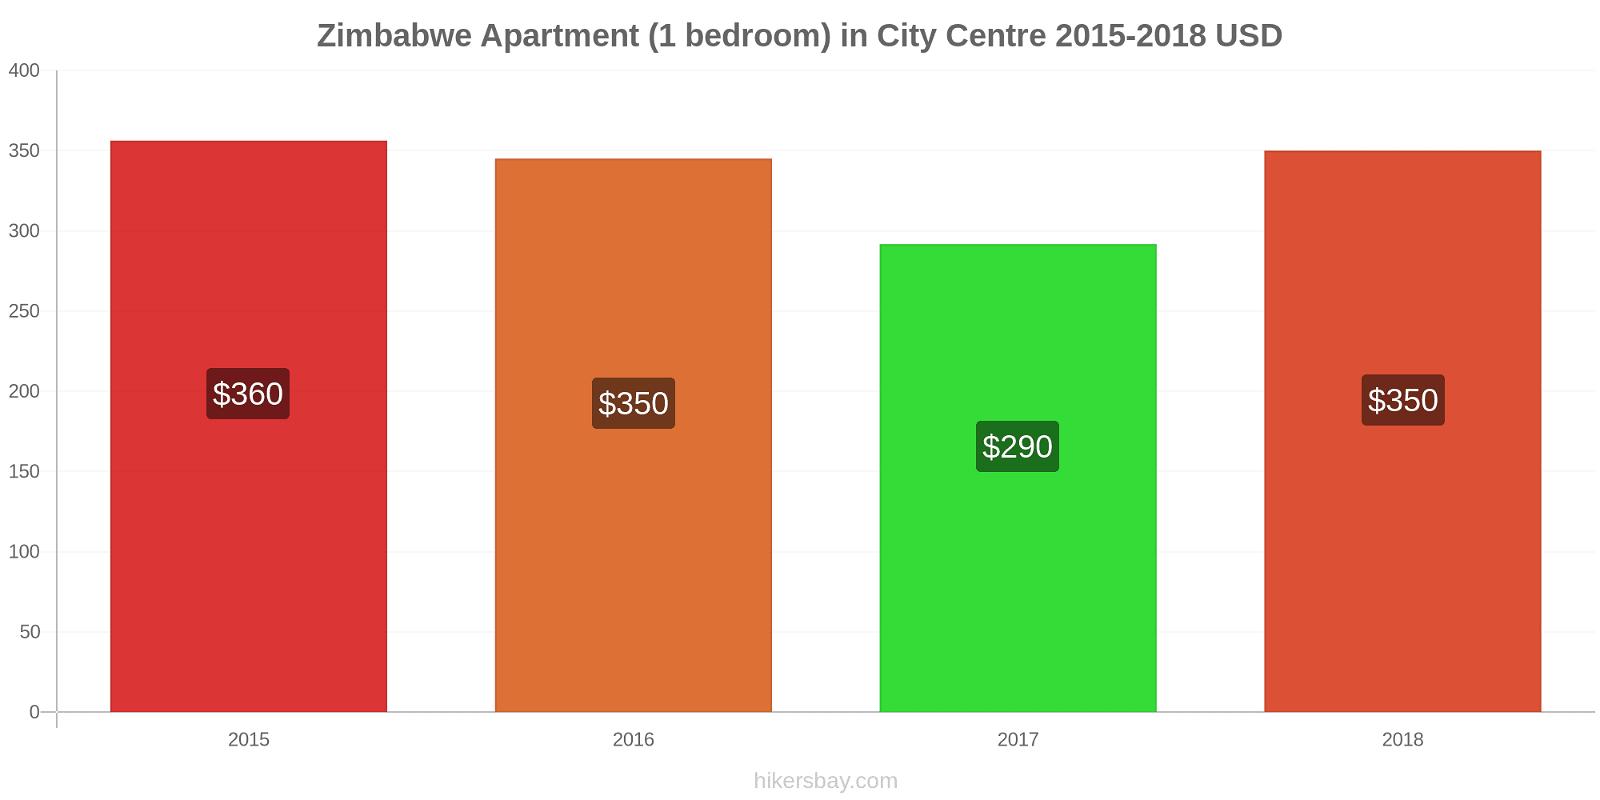 Zimbabwe price changes Apartment (1 bedroom) in City Centre hikersbay.com